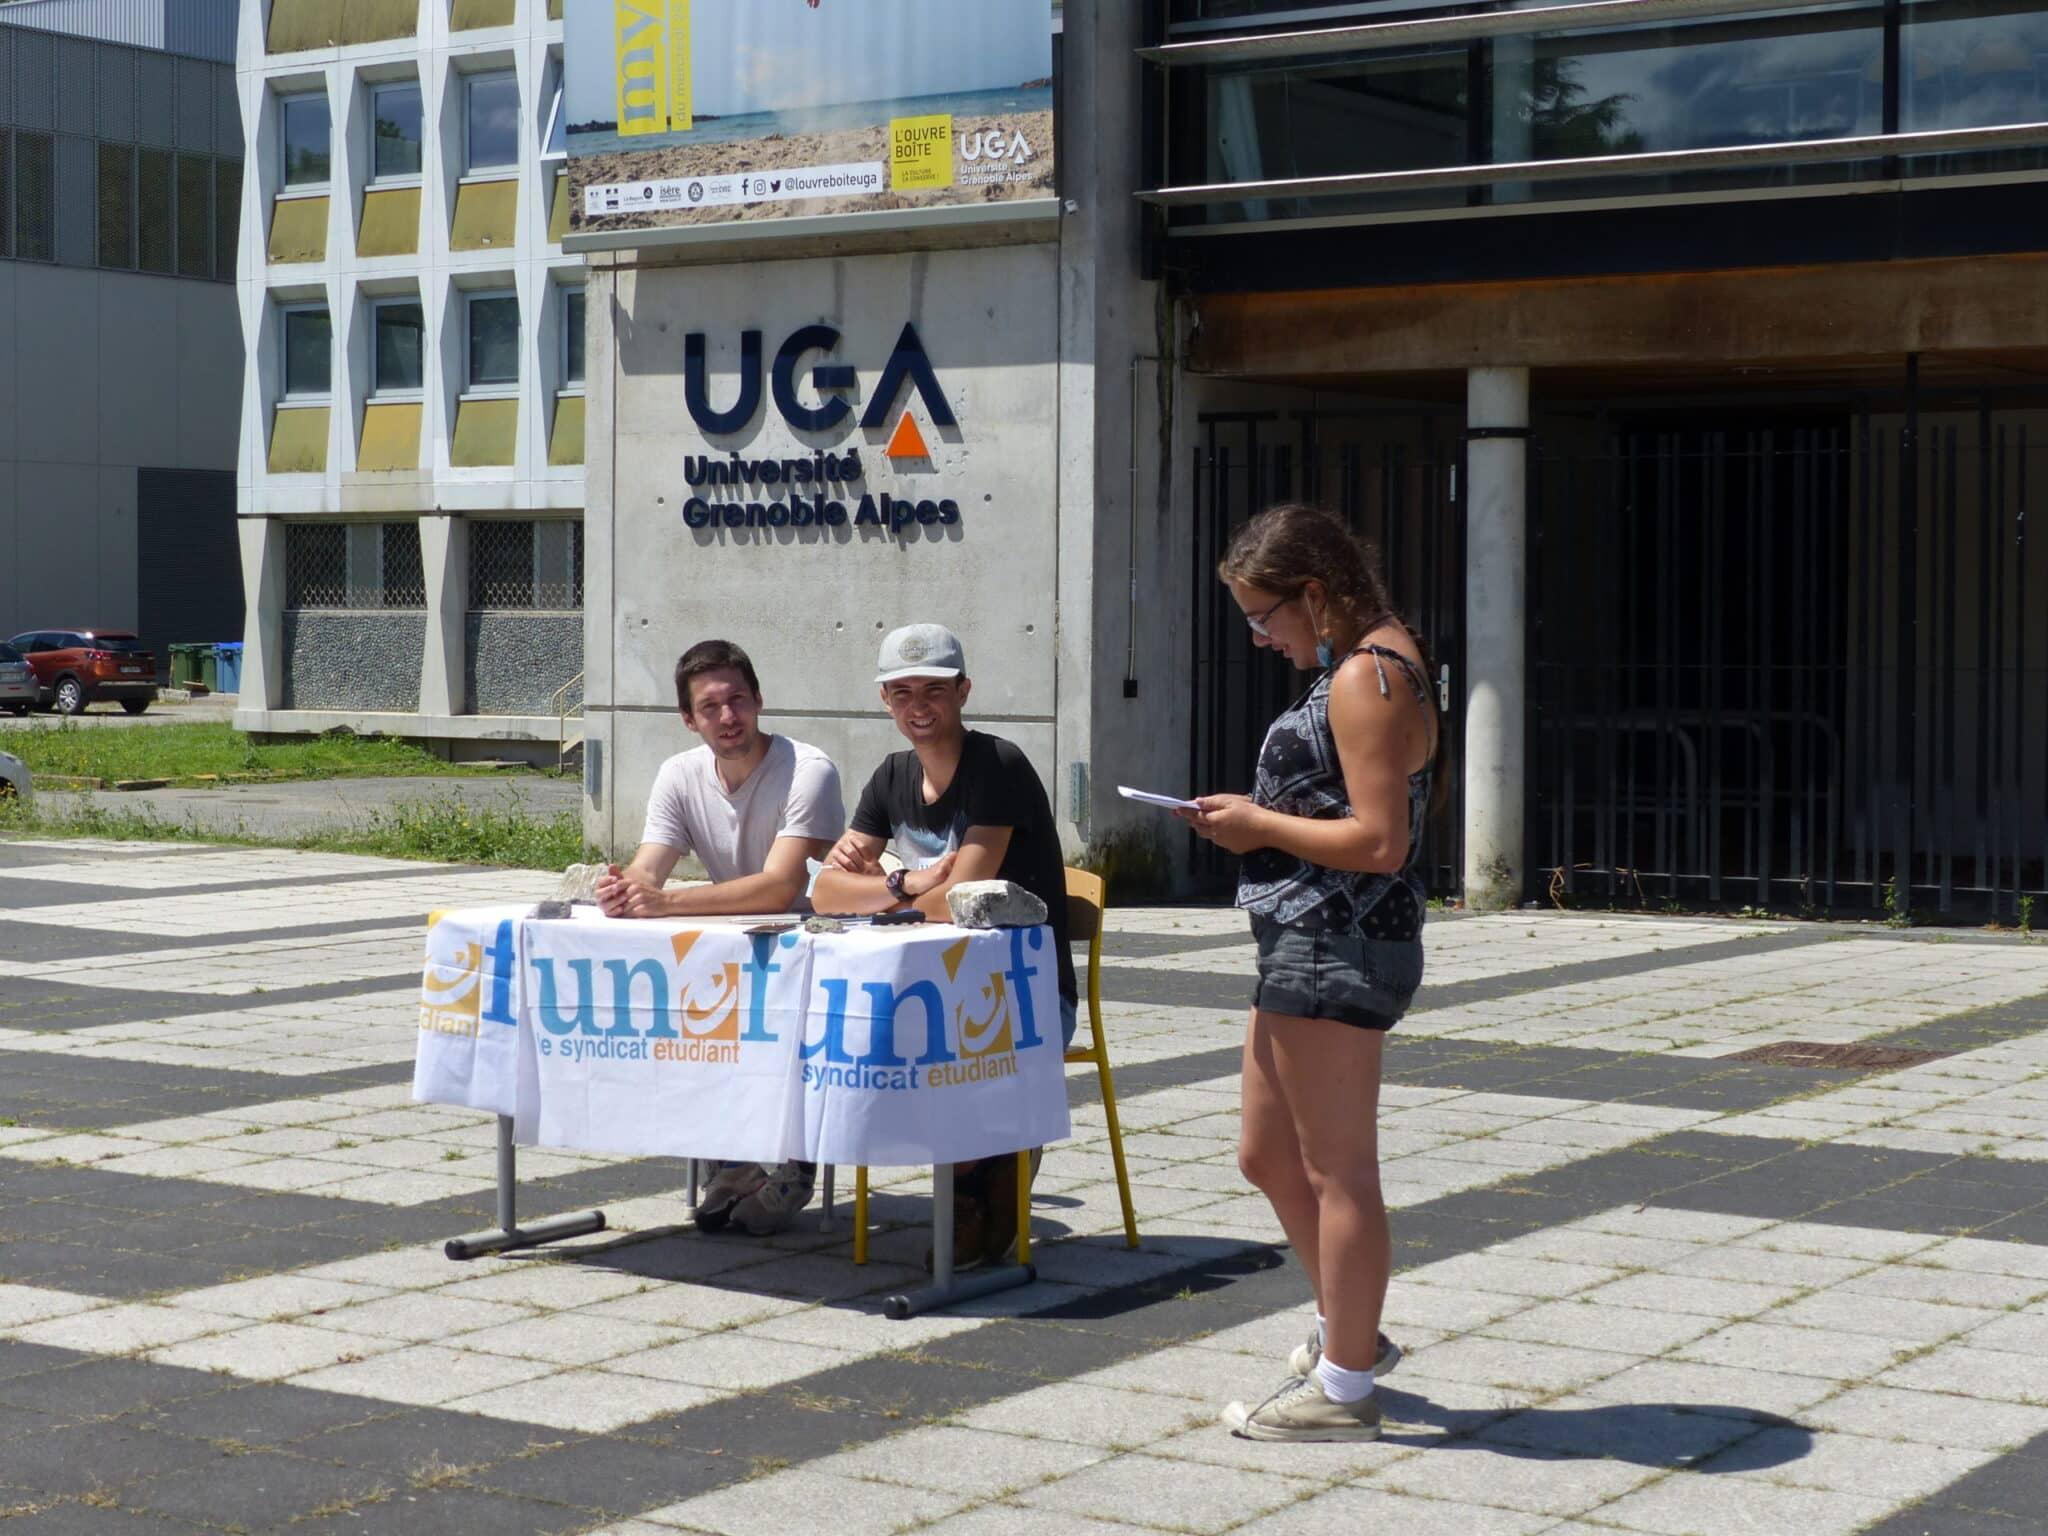 Sélection à l'université : mobilisation de l'Unef de Grenoble